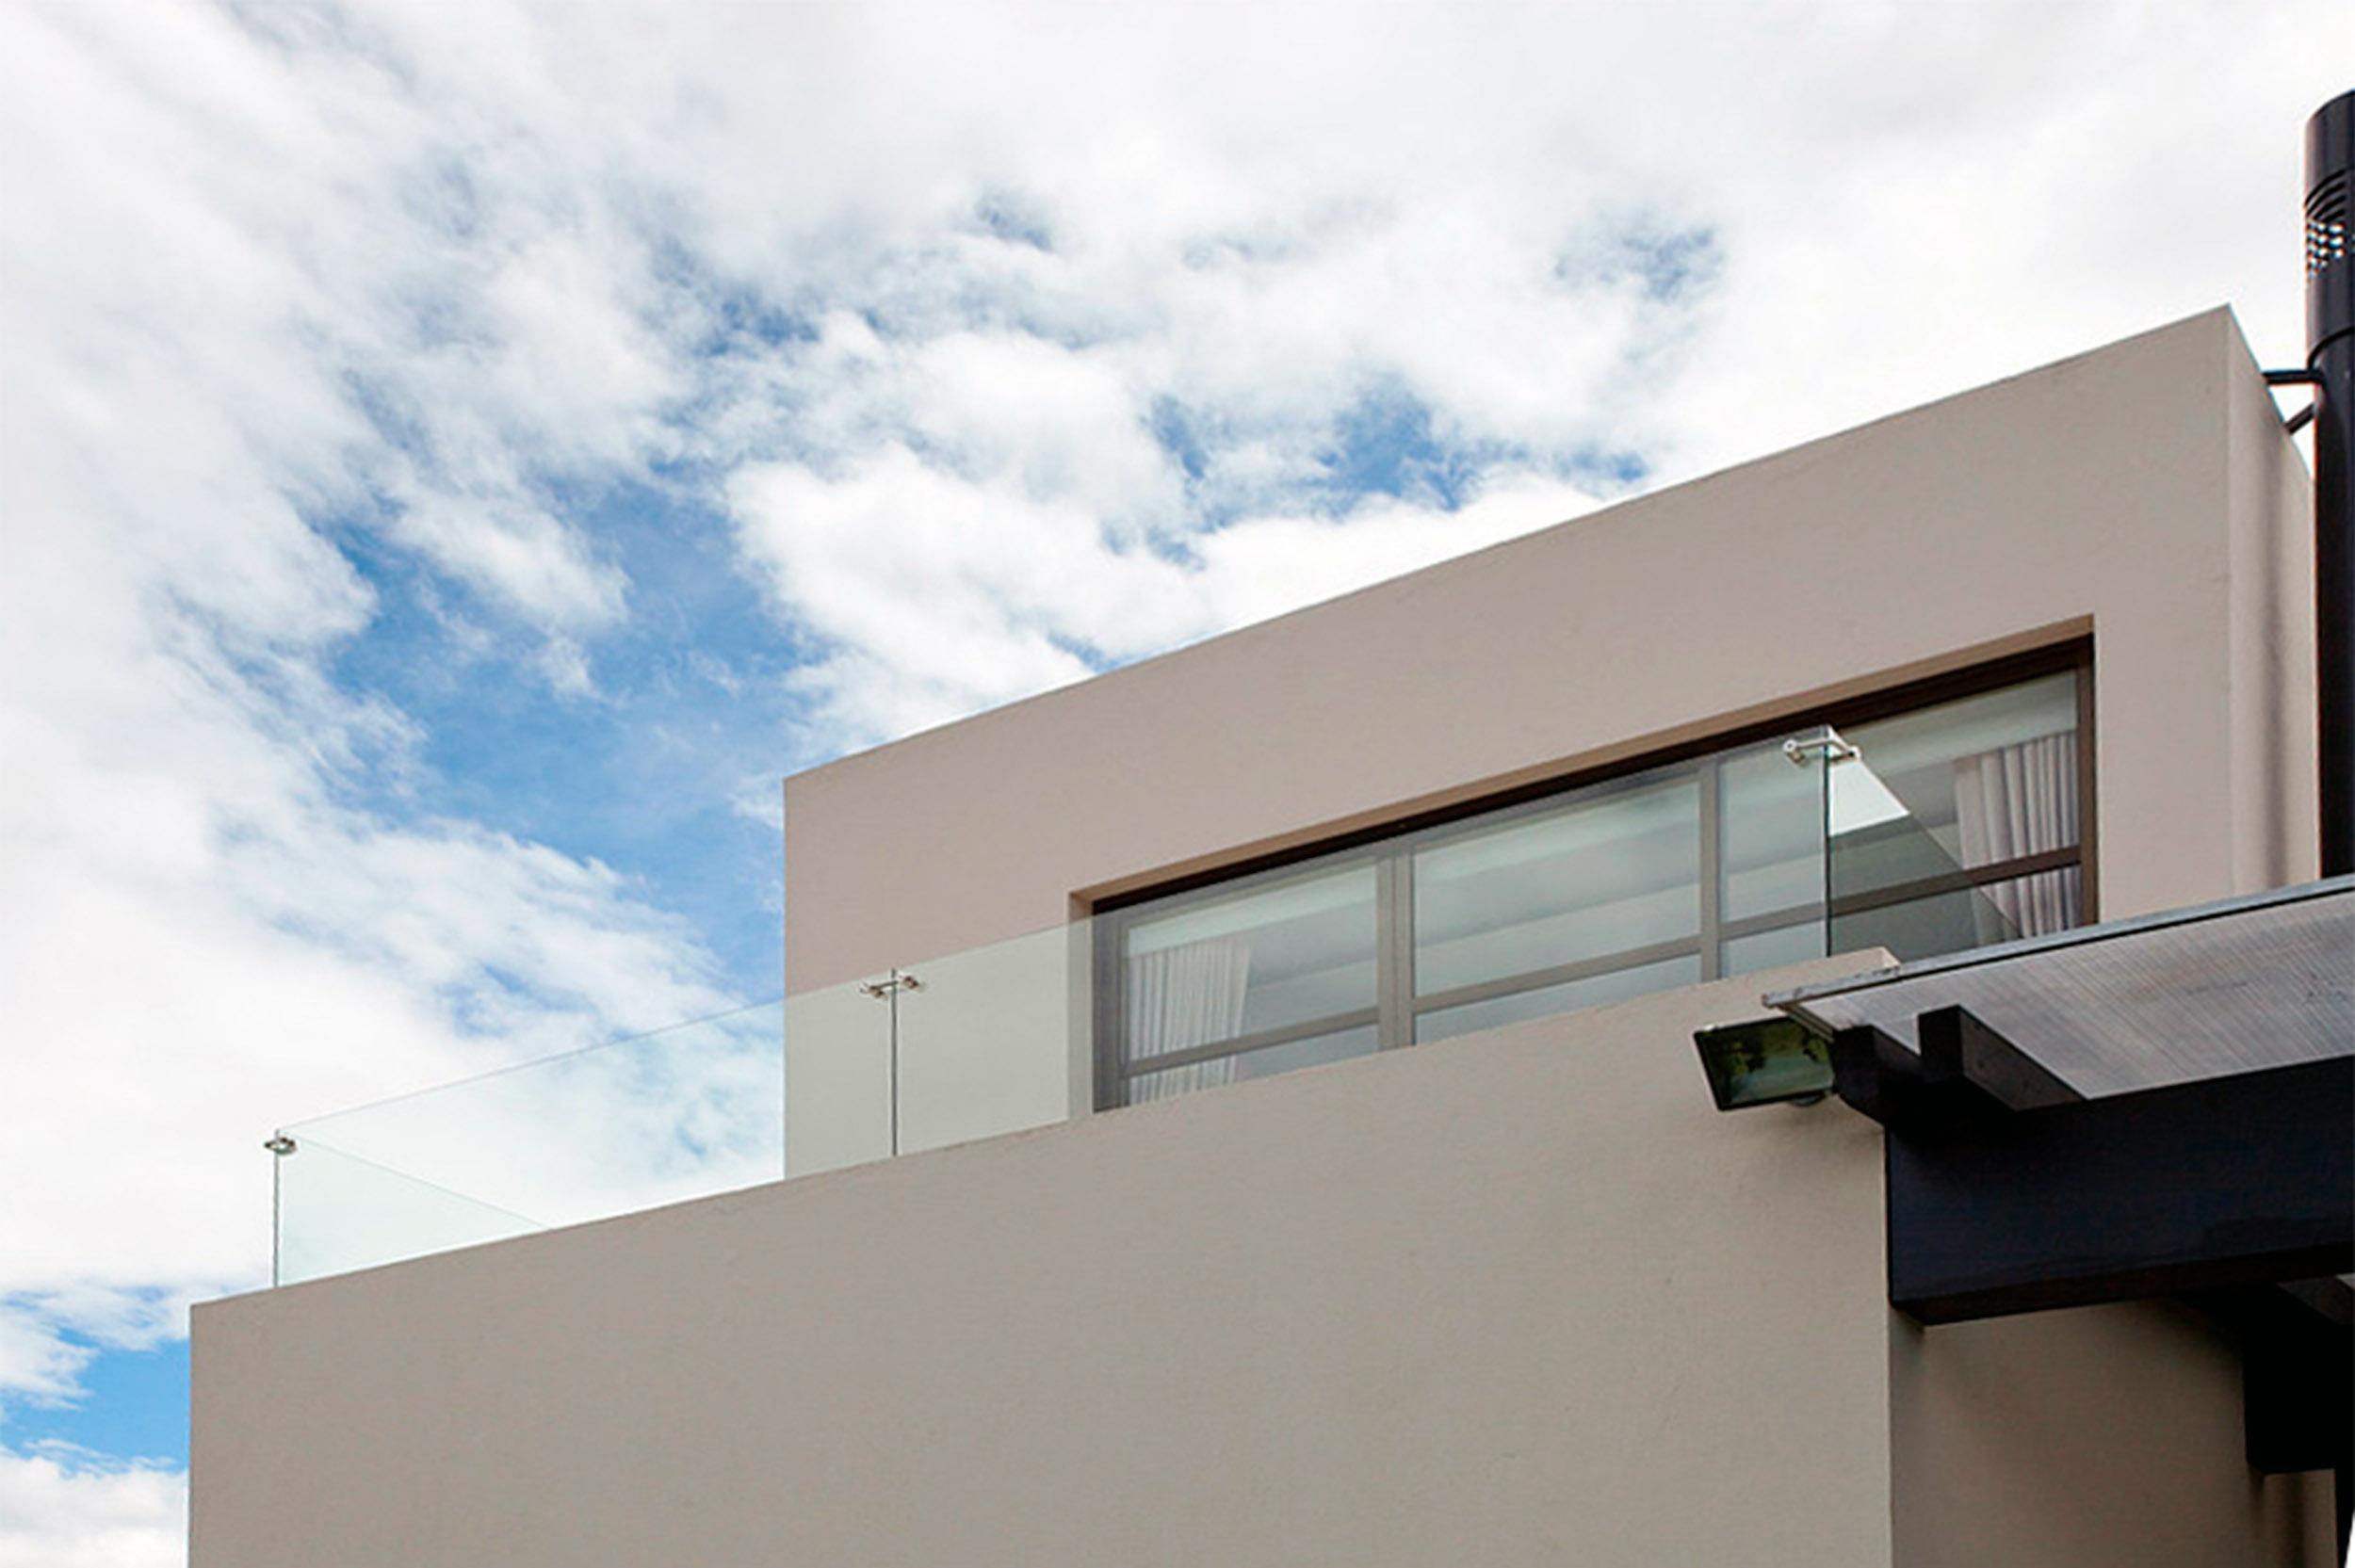 Terraza limitada por una baranda de vidrio que regula la circulación del viento